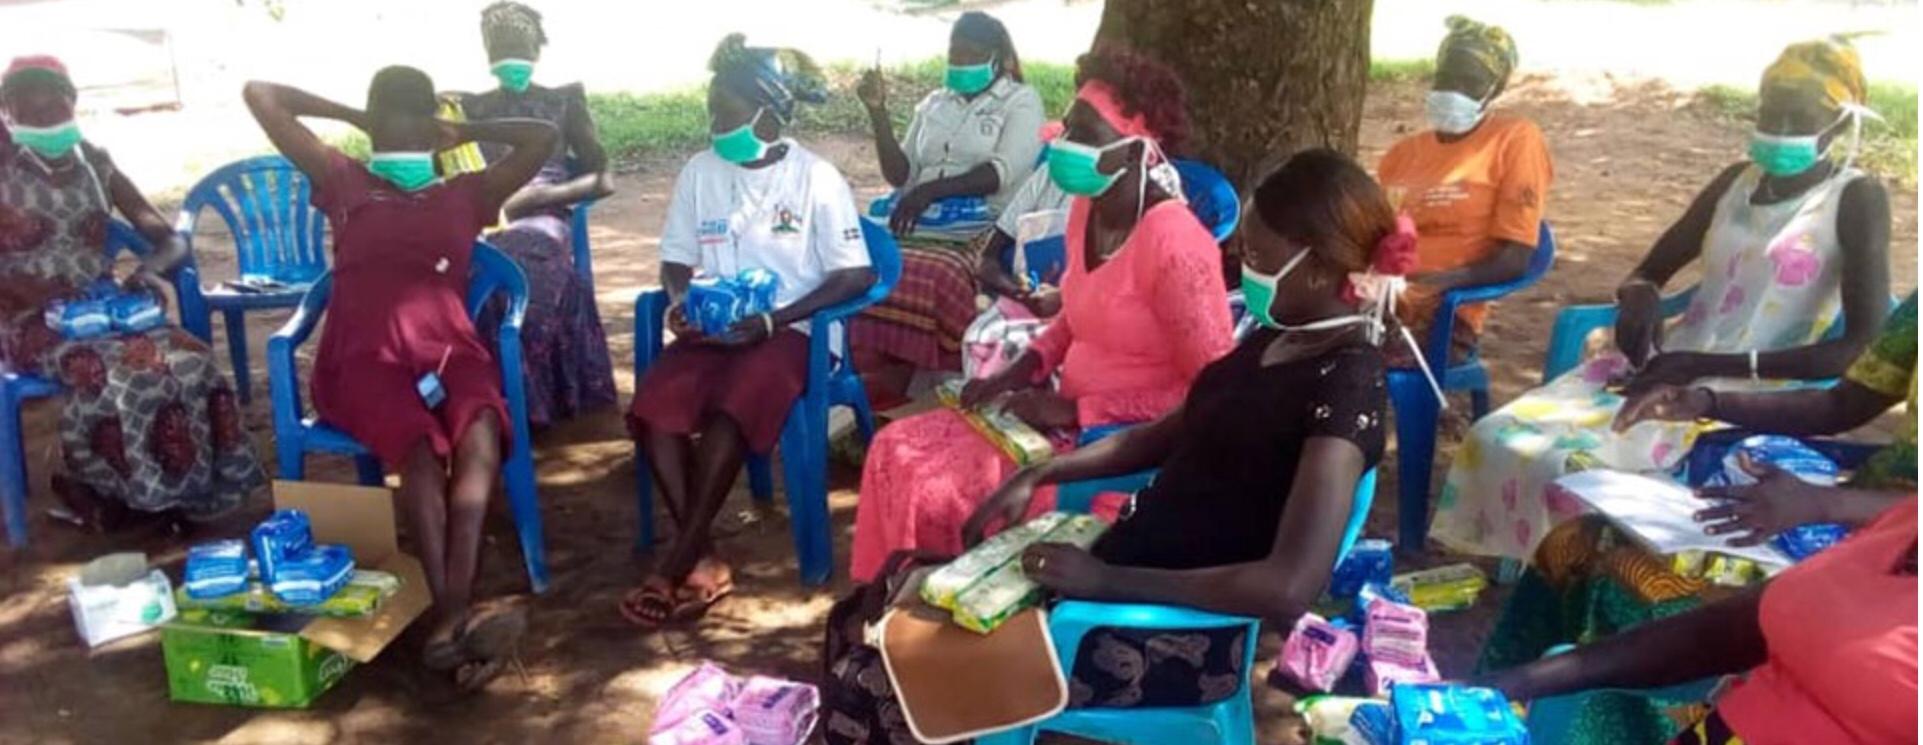 EU €24M aid to Uganda